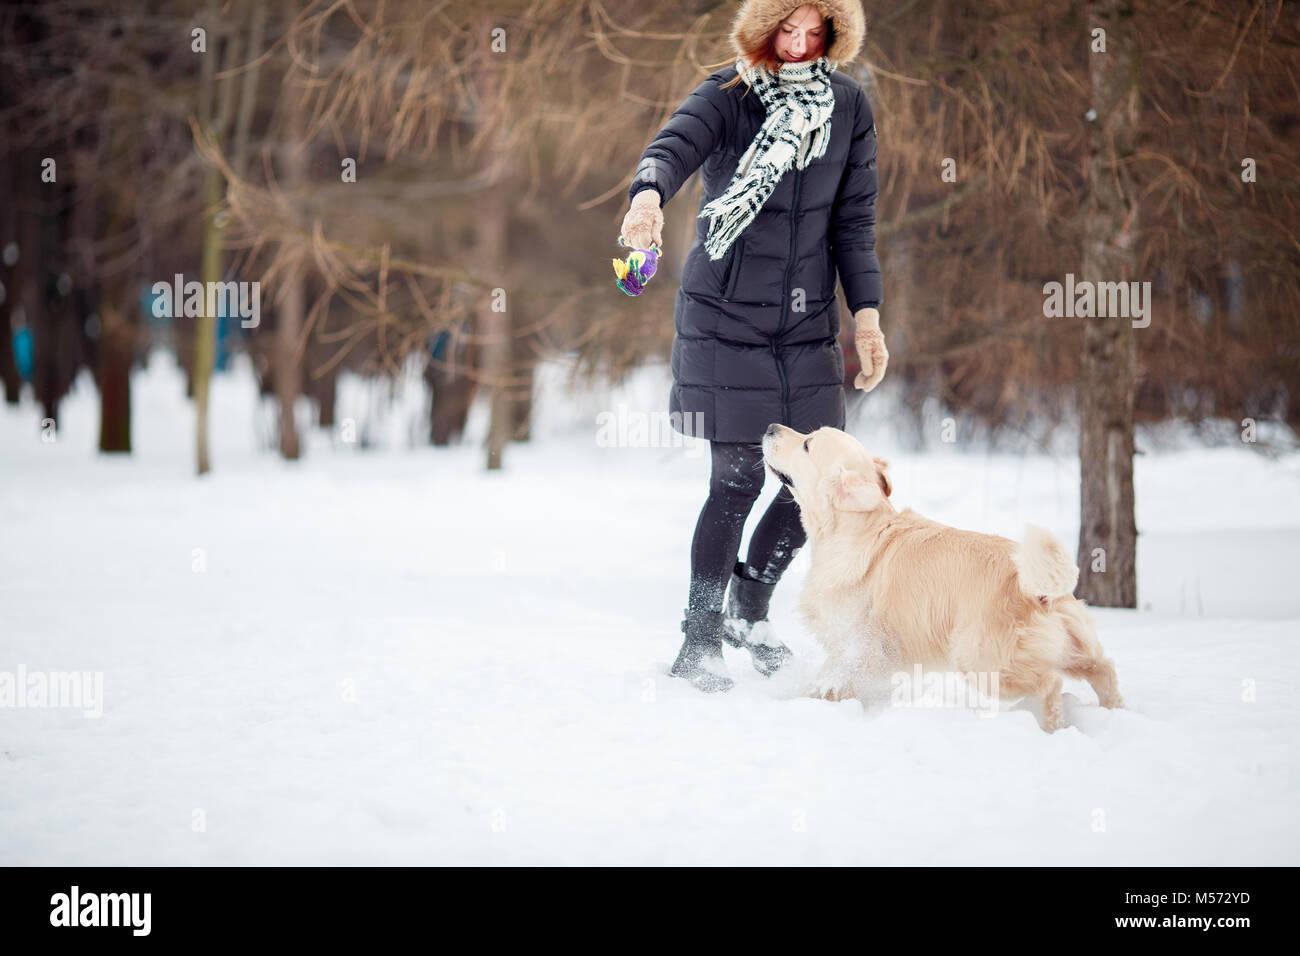 Immagine di donna giocando con il labrador nel parco innevato Immagini Stock